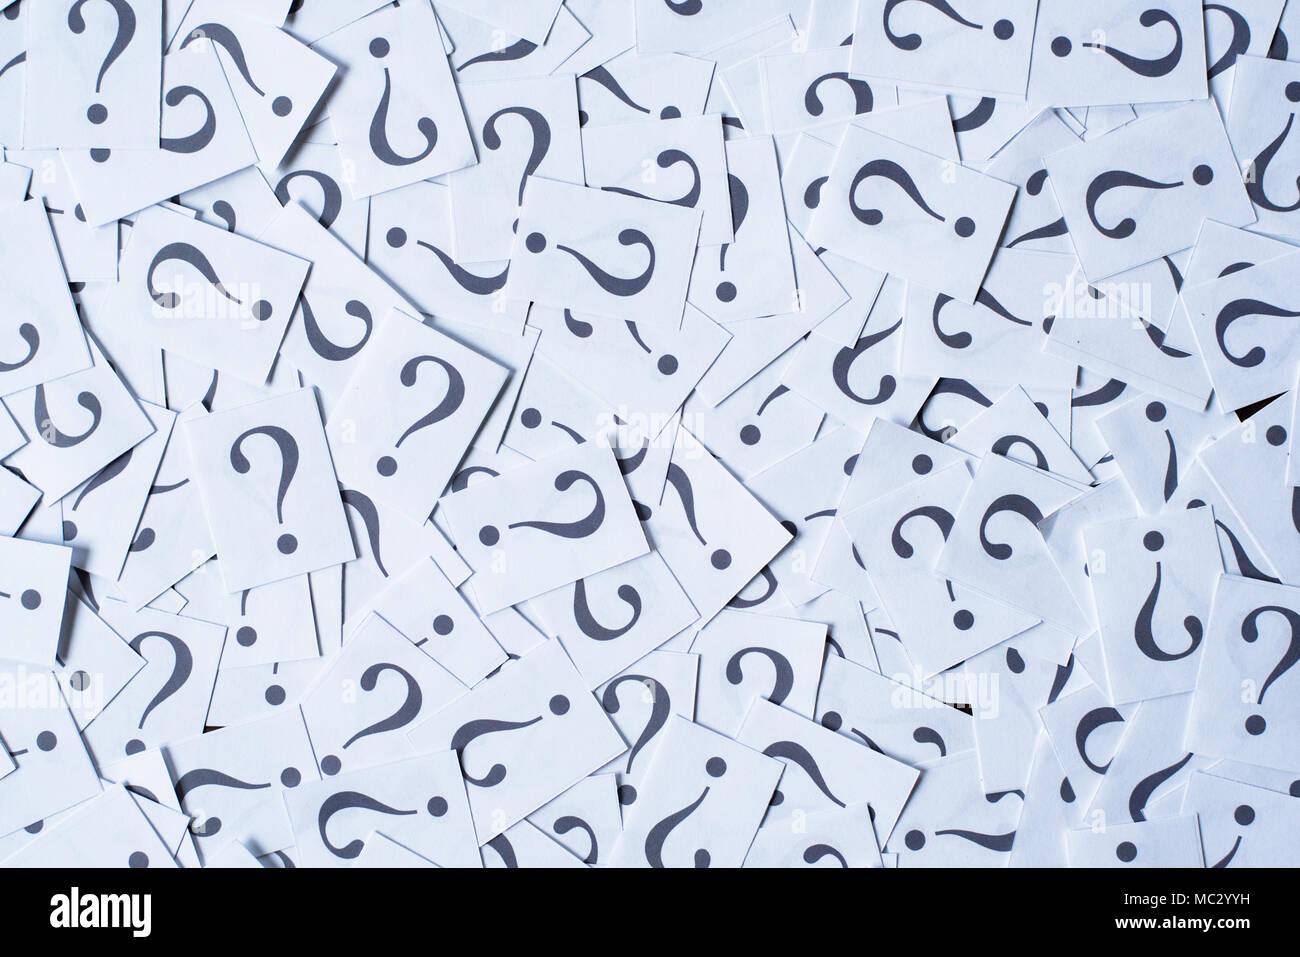 Montón de papel blanco nota con signo de interrogación como fondo. FAQ, Preguntas y respuestas concepto Imagen De Stock